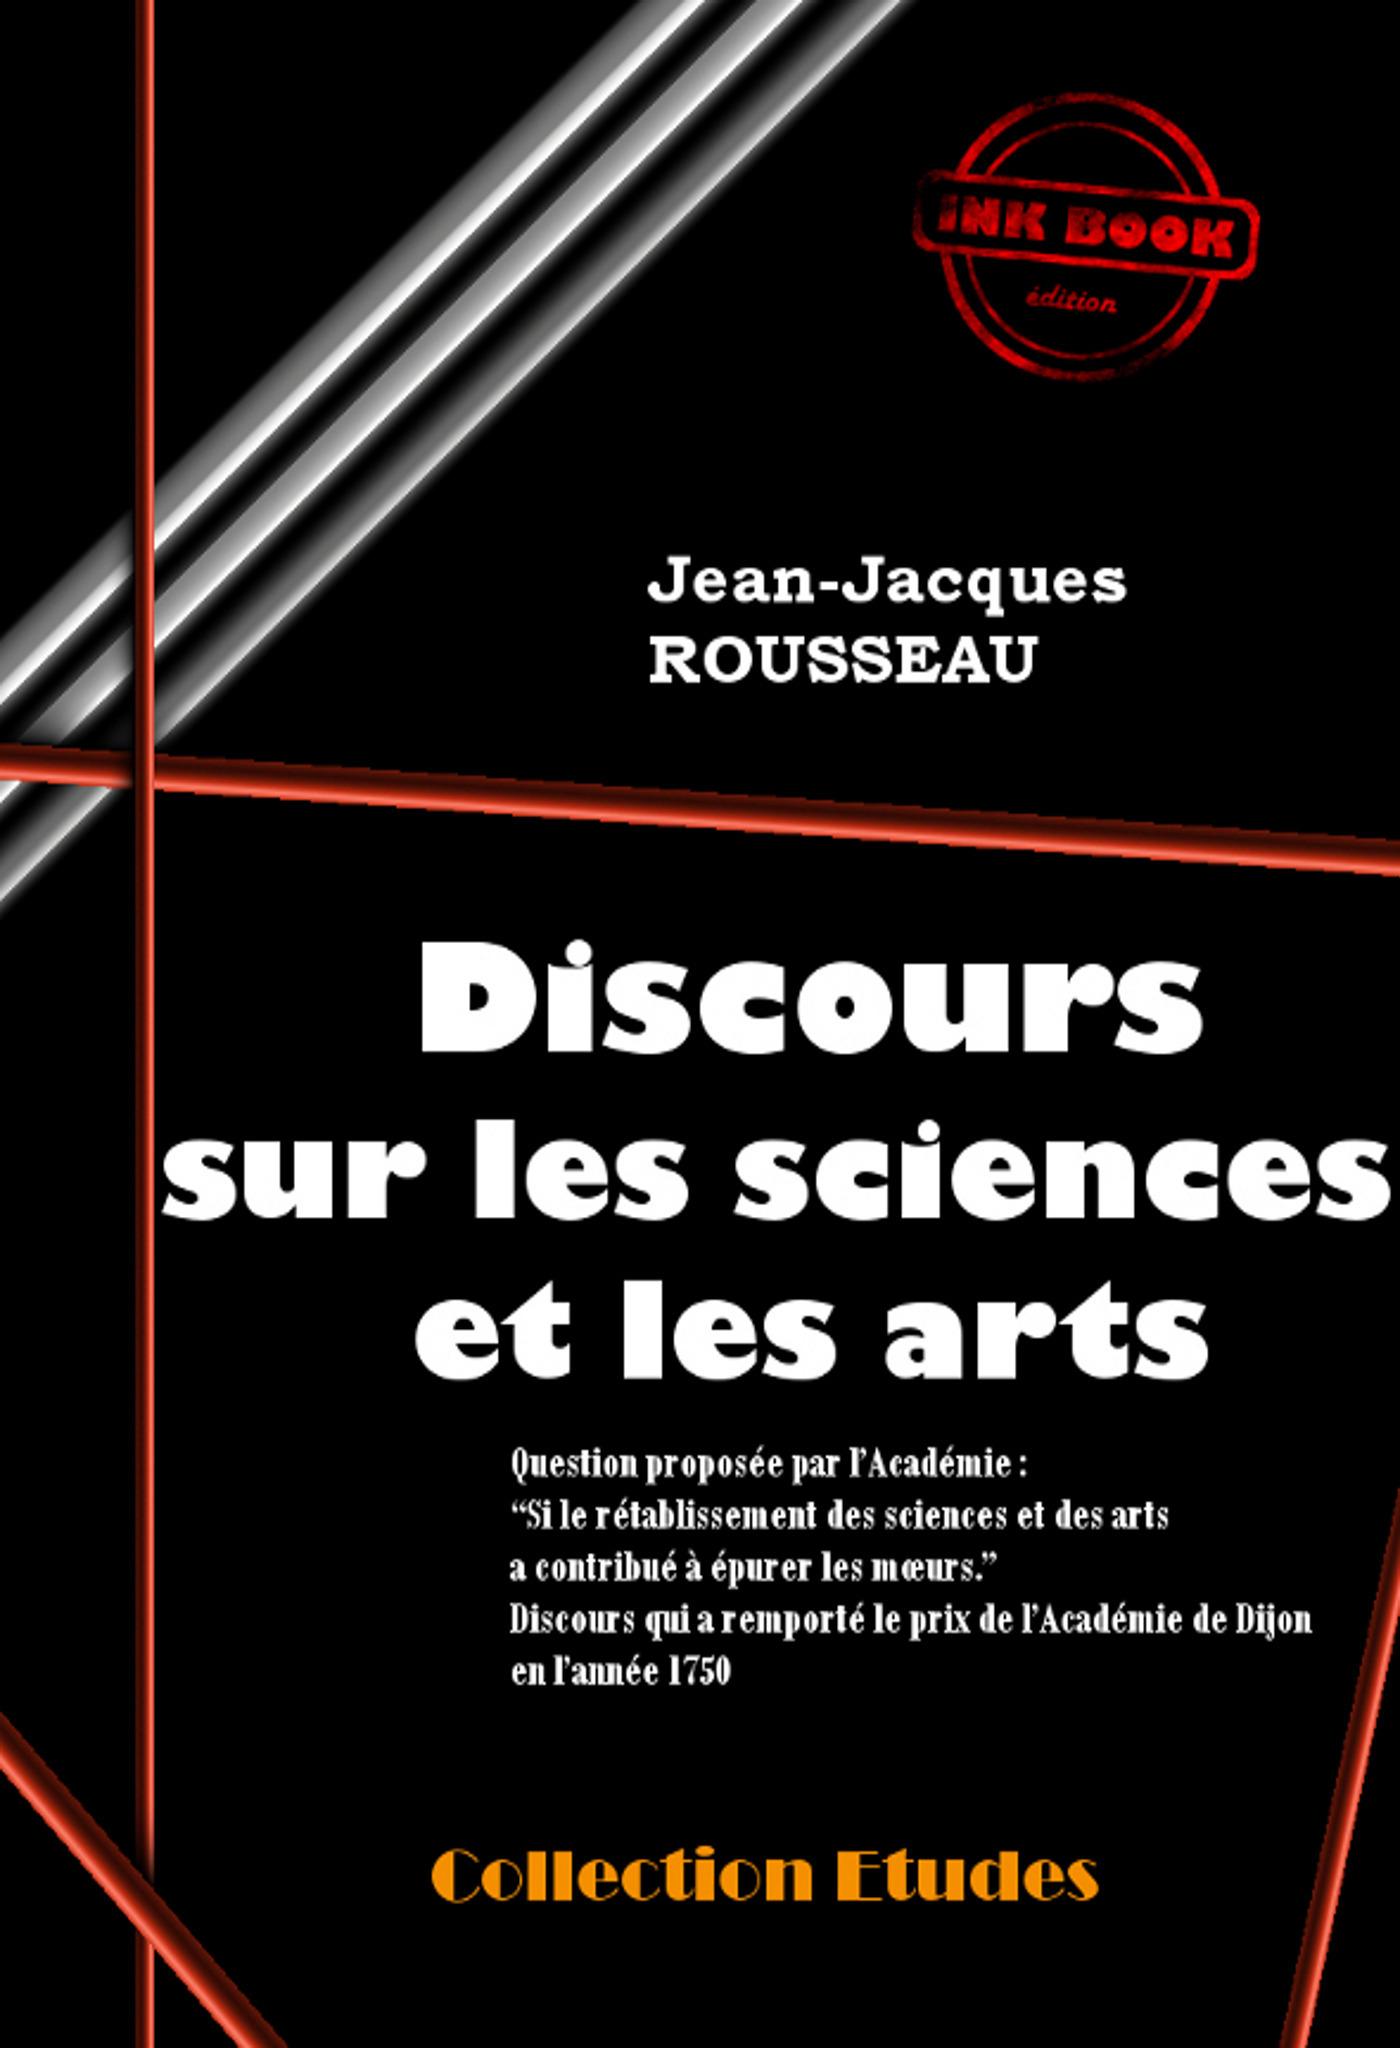 Discours sur les sciences et les arts